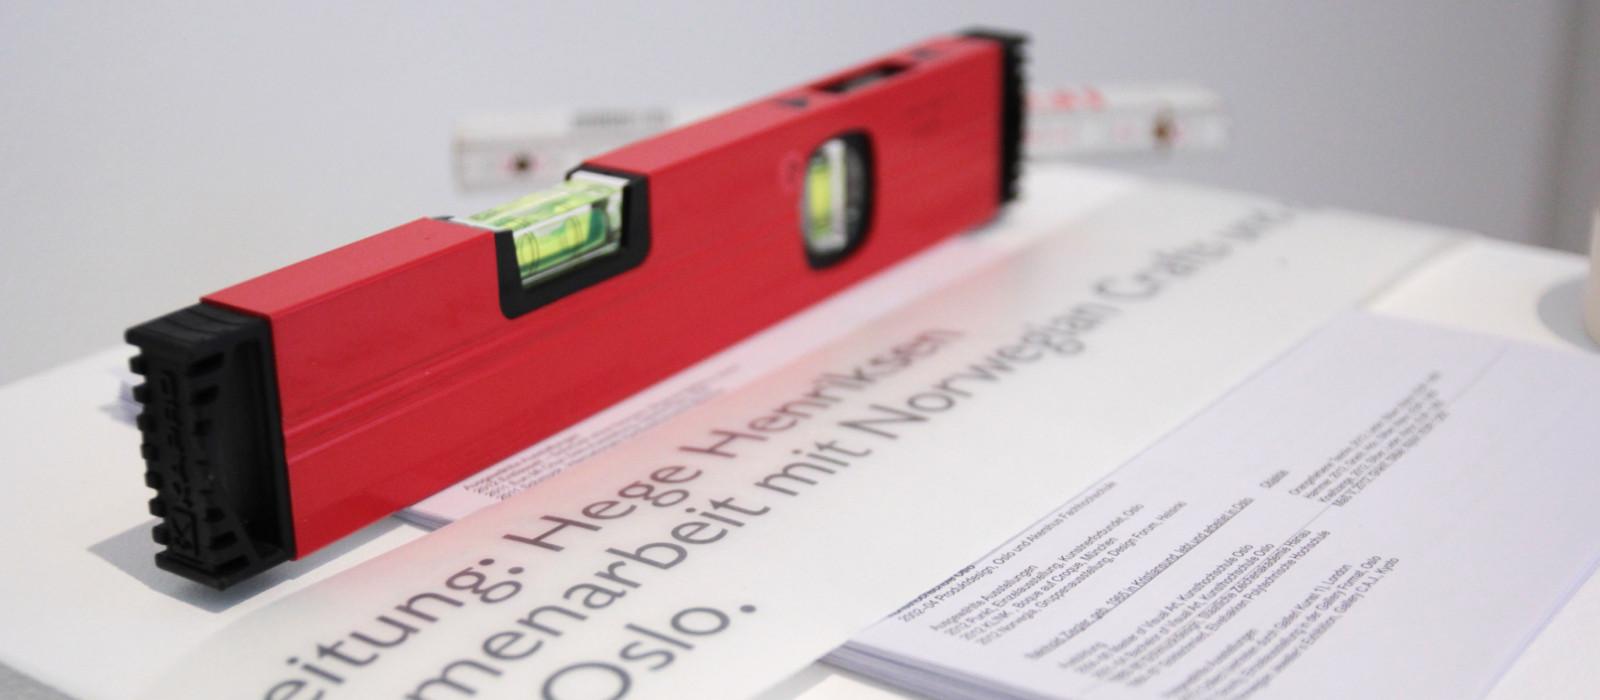 Werkzeug, das zum Ausstellungsaufbau nötig ist, liegt auf Objektlisten und Beschilderungen